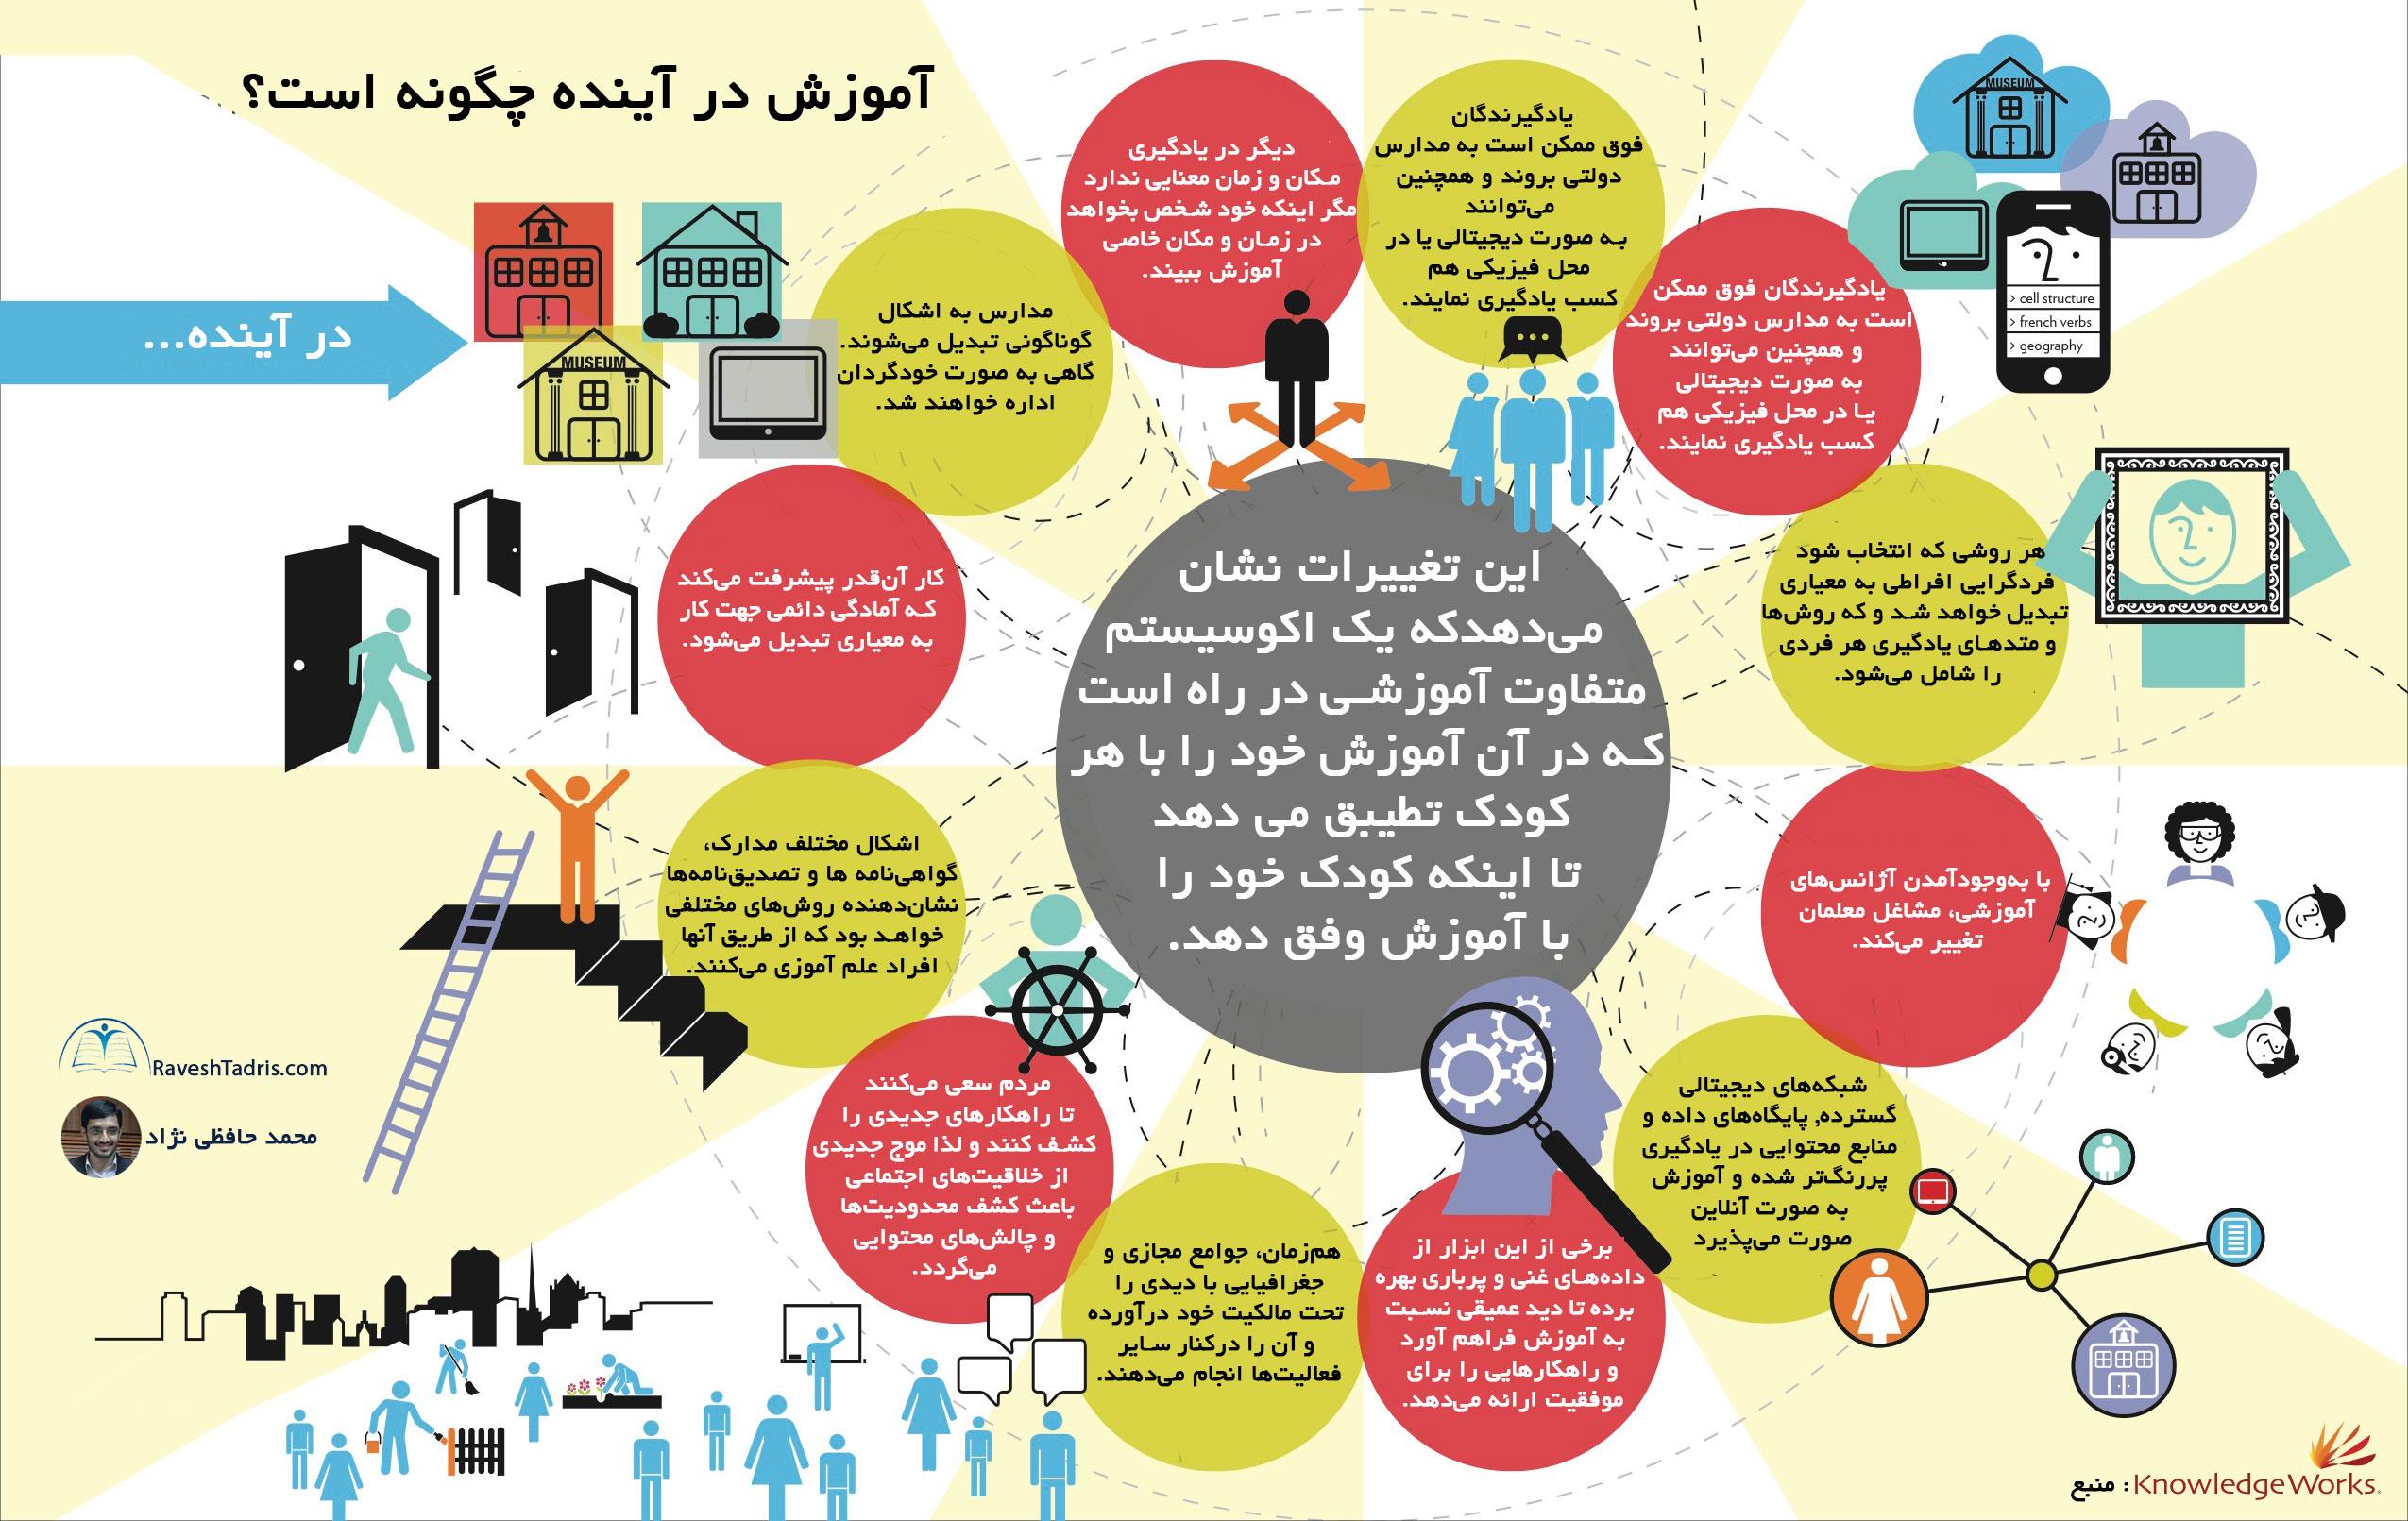 آینده ی آموزش محمد حافظی اینفوگرافآموزشی نژاد